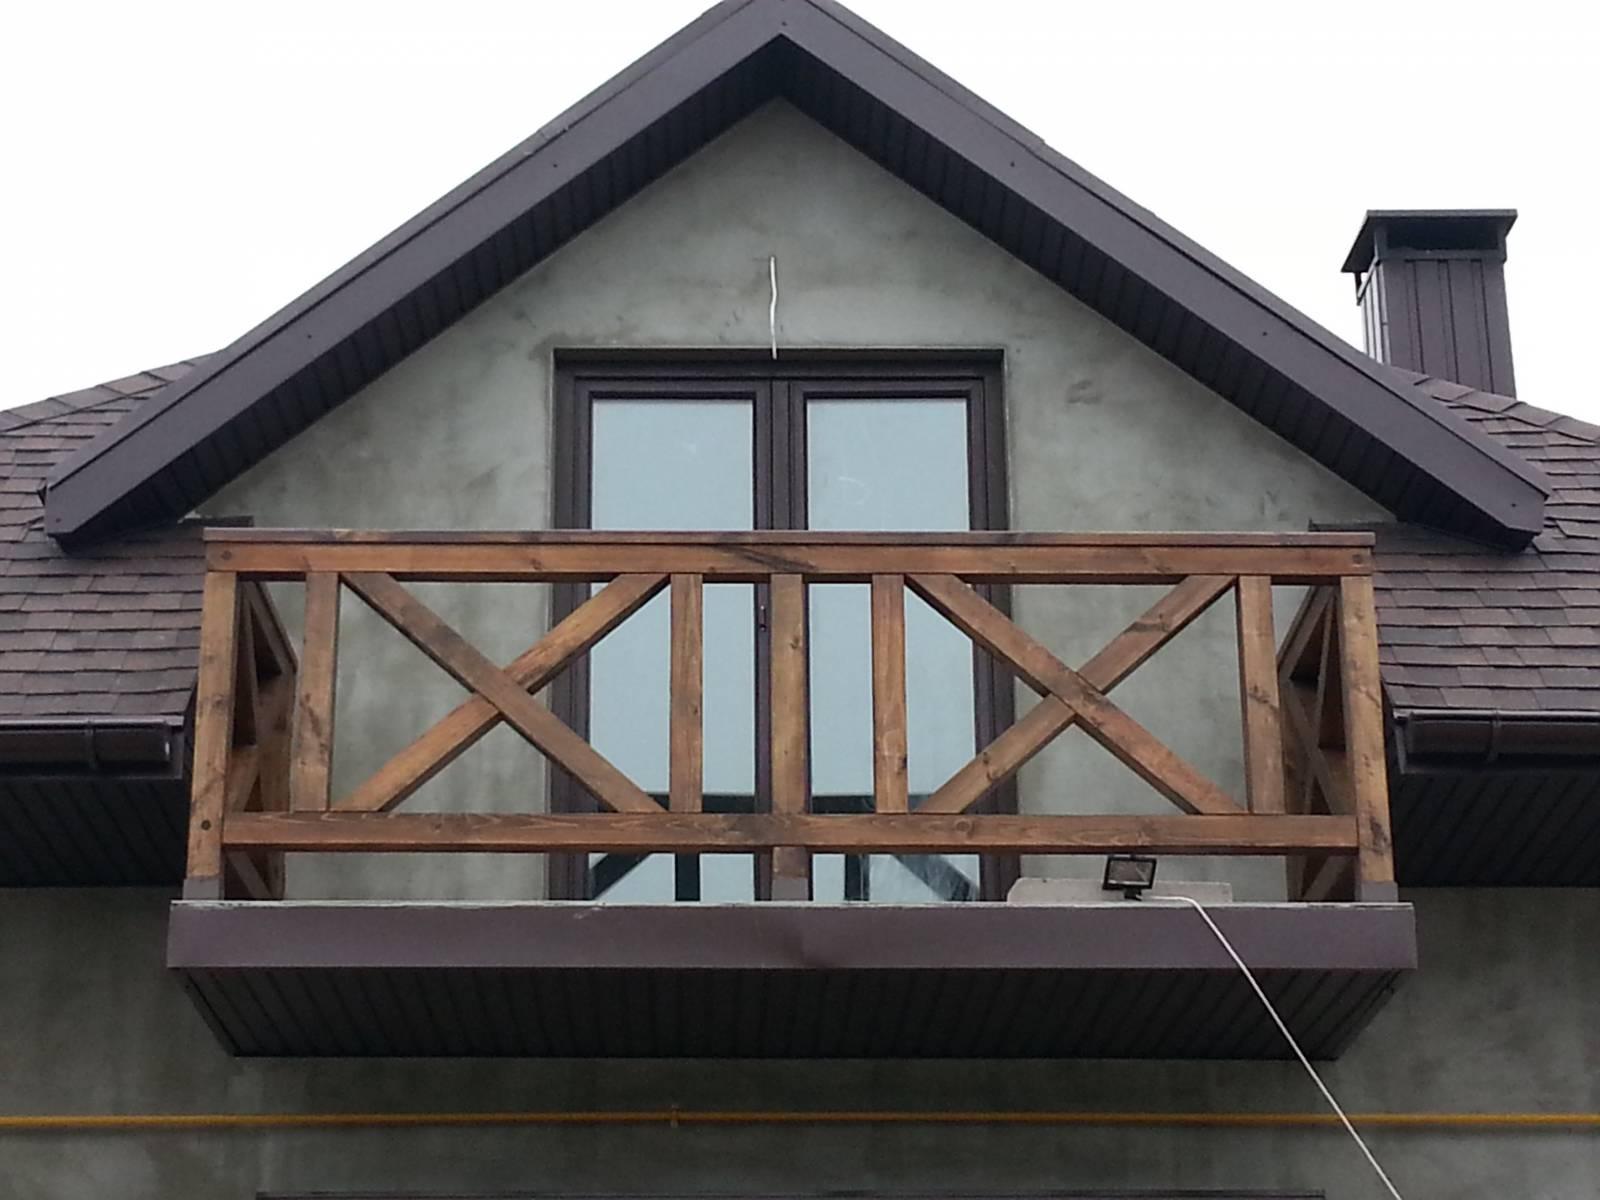 Перила для балкона: 5 видов конструкций obustroeno.com.